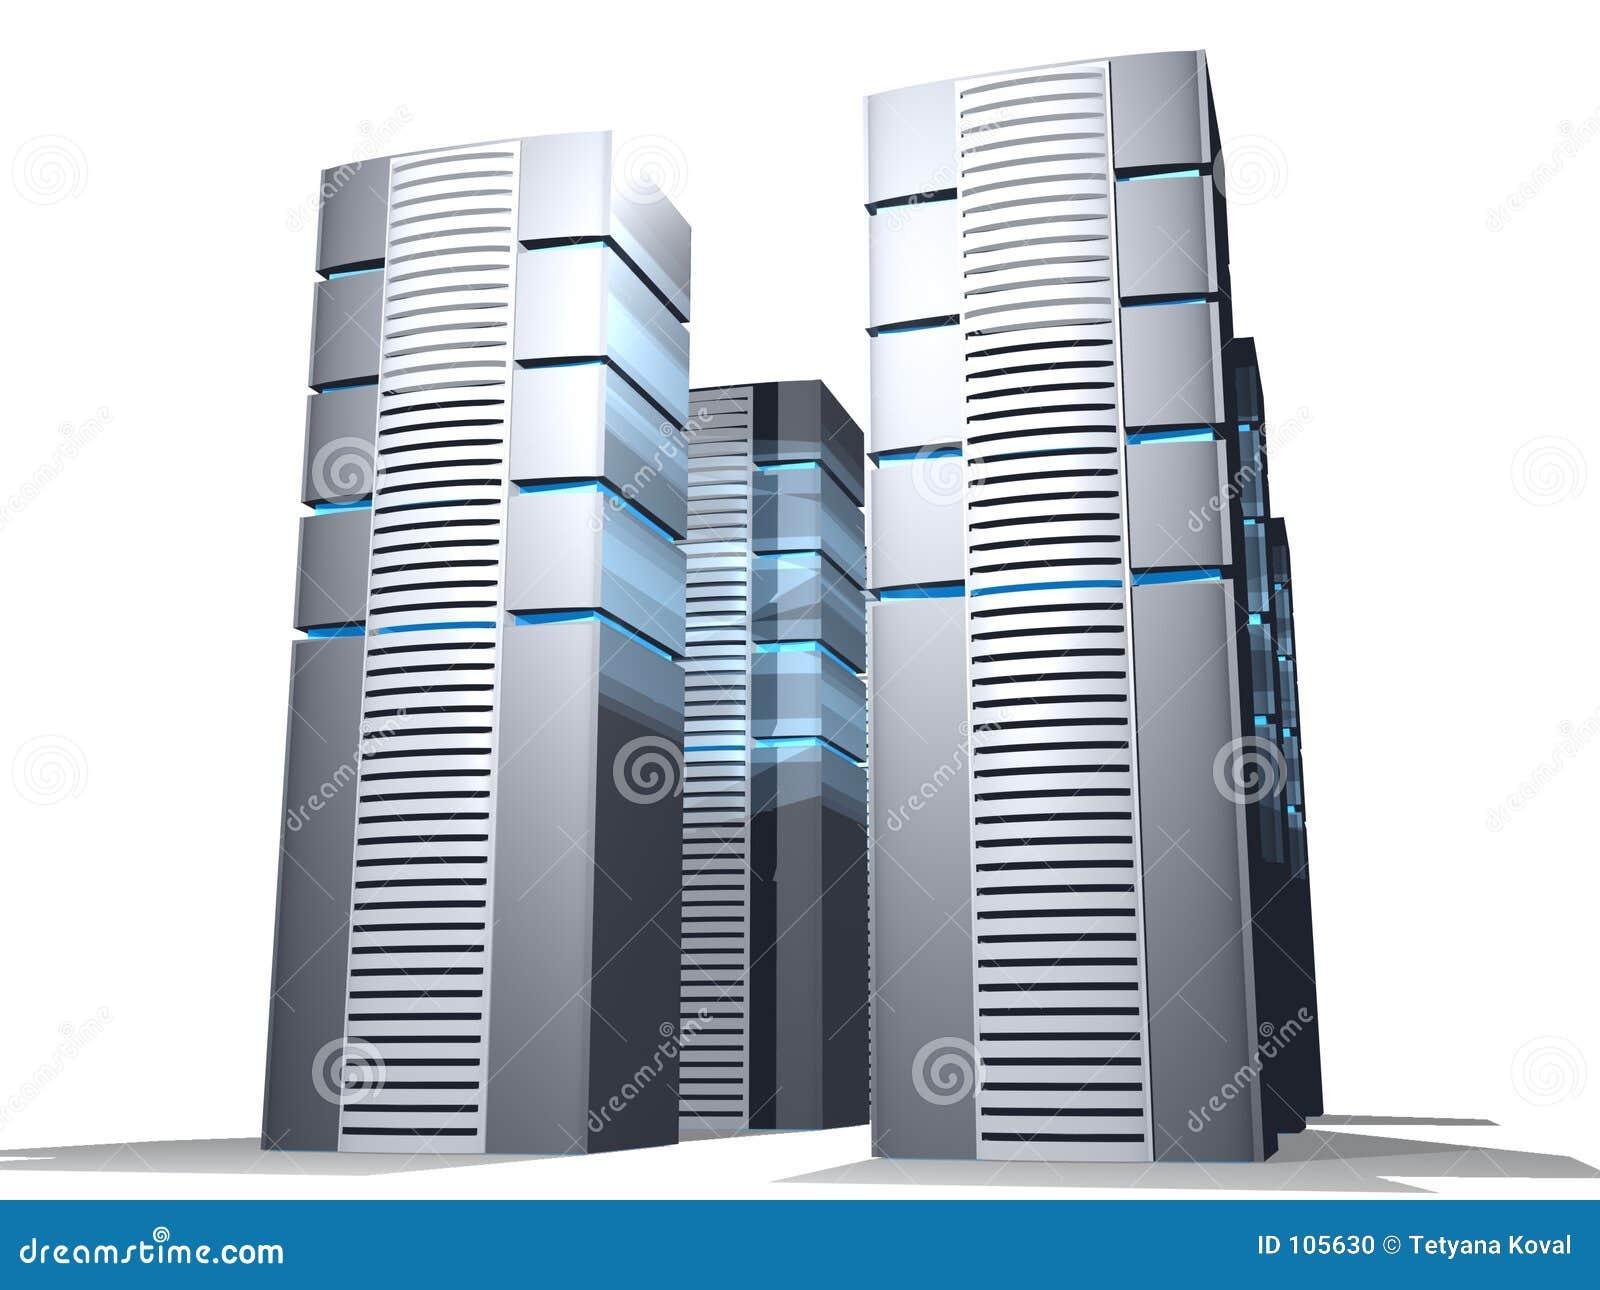 how to build a server farm